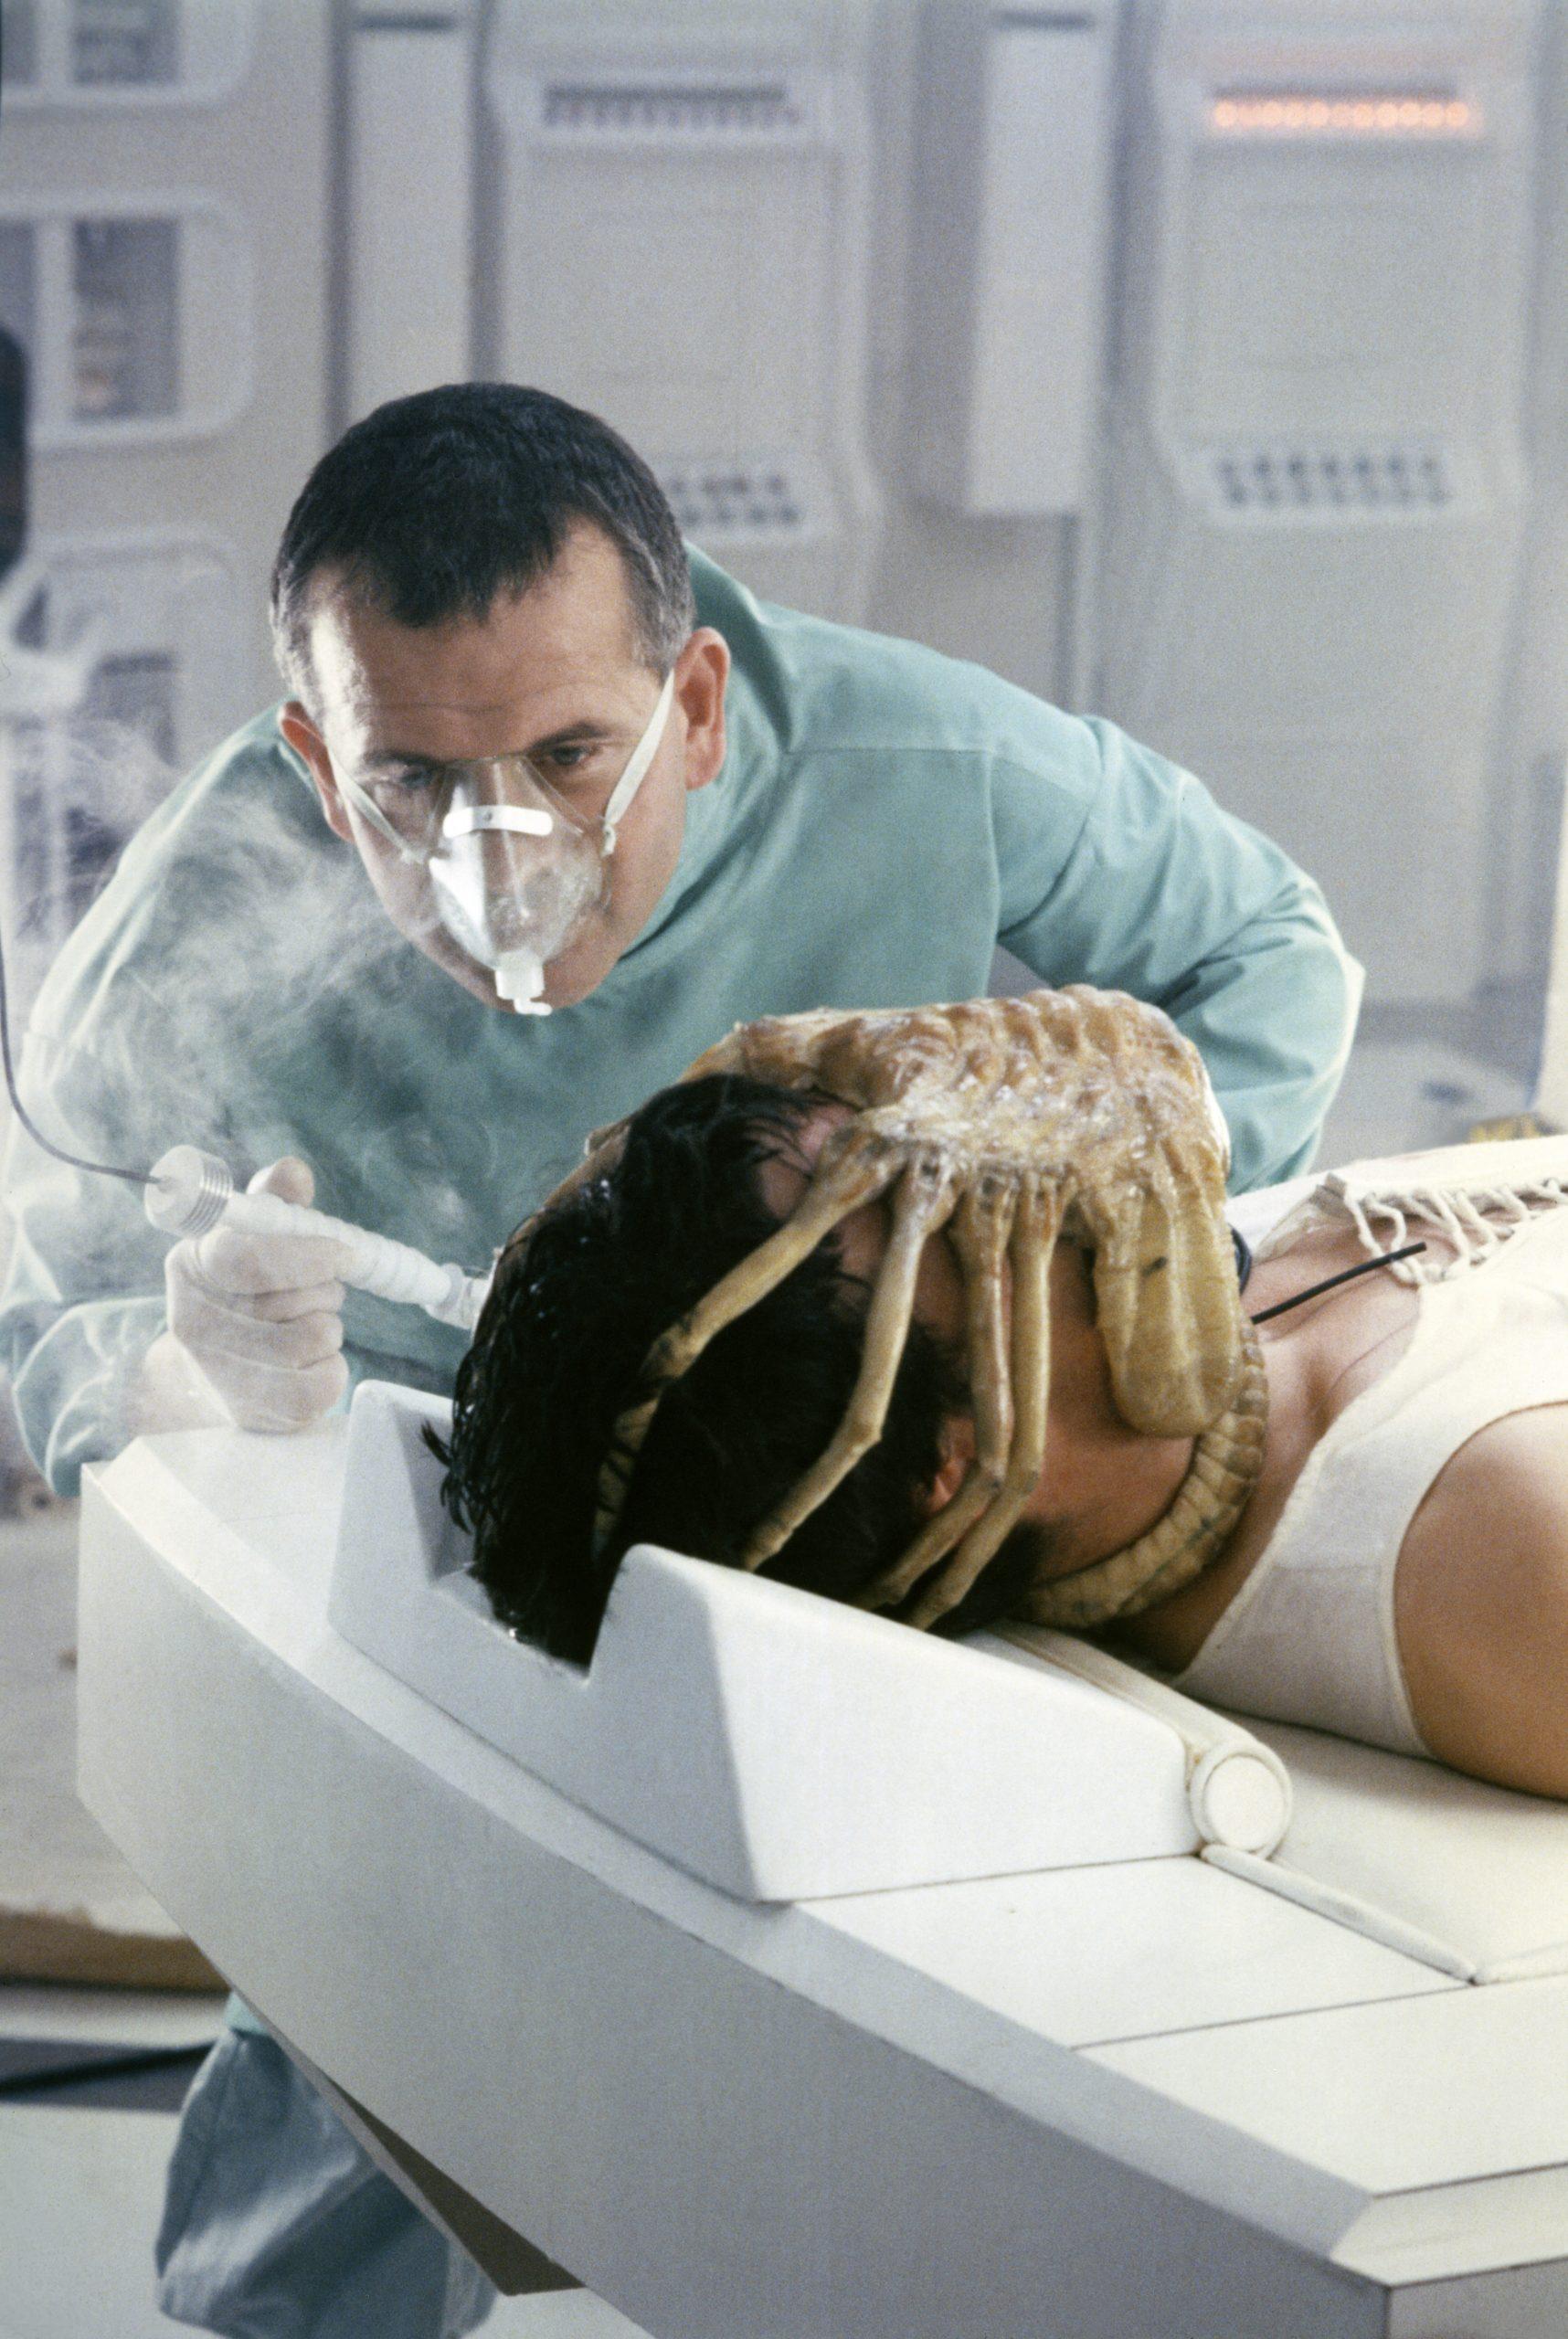 Murió a los 88 años Ian Holm, actor de 'El Señor de los Anillos' y 'Alien'